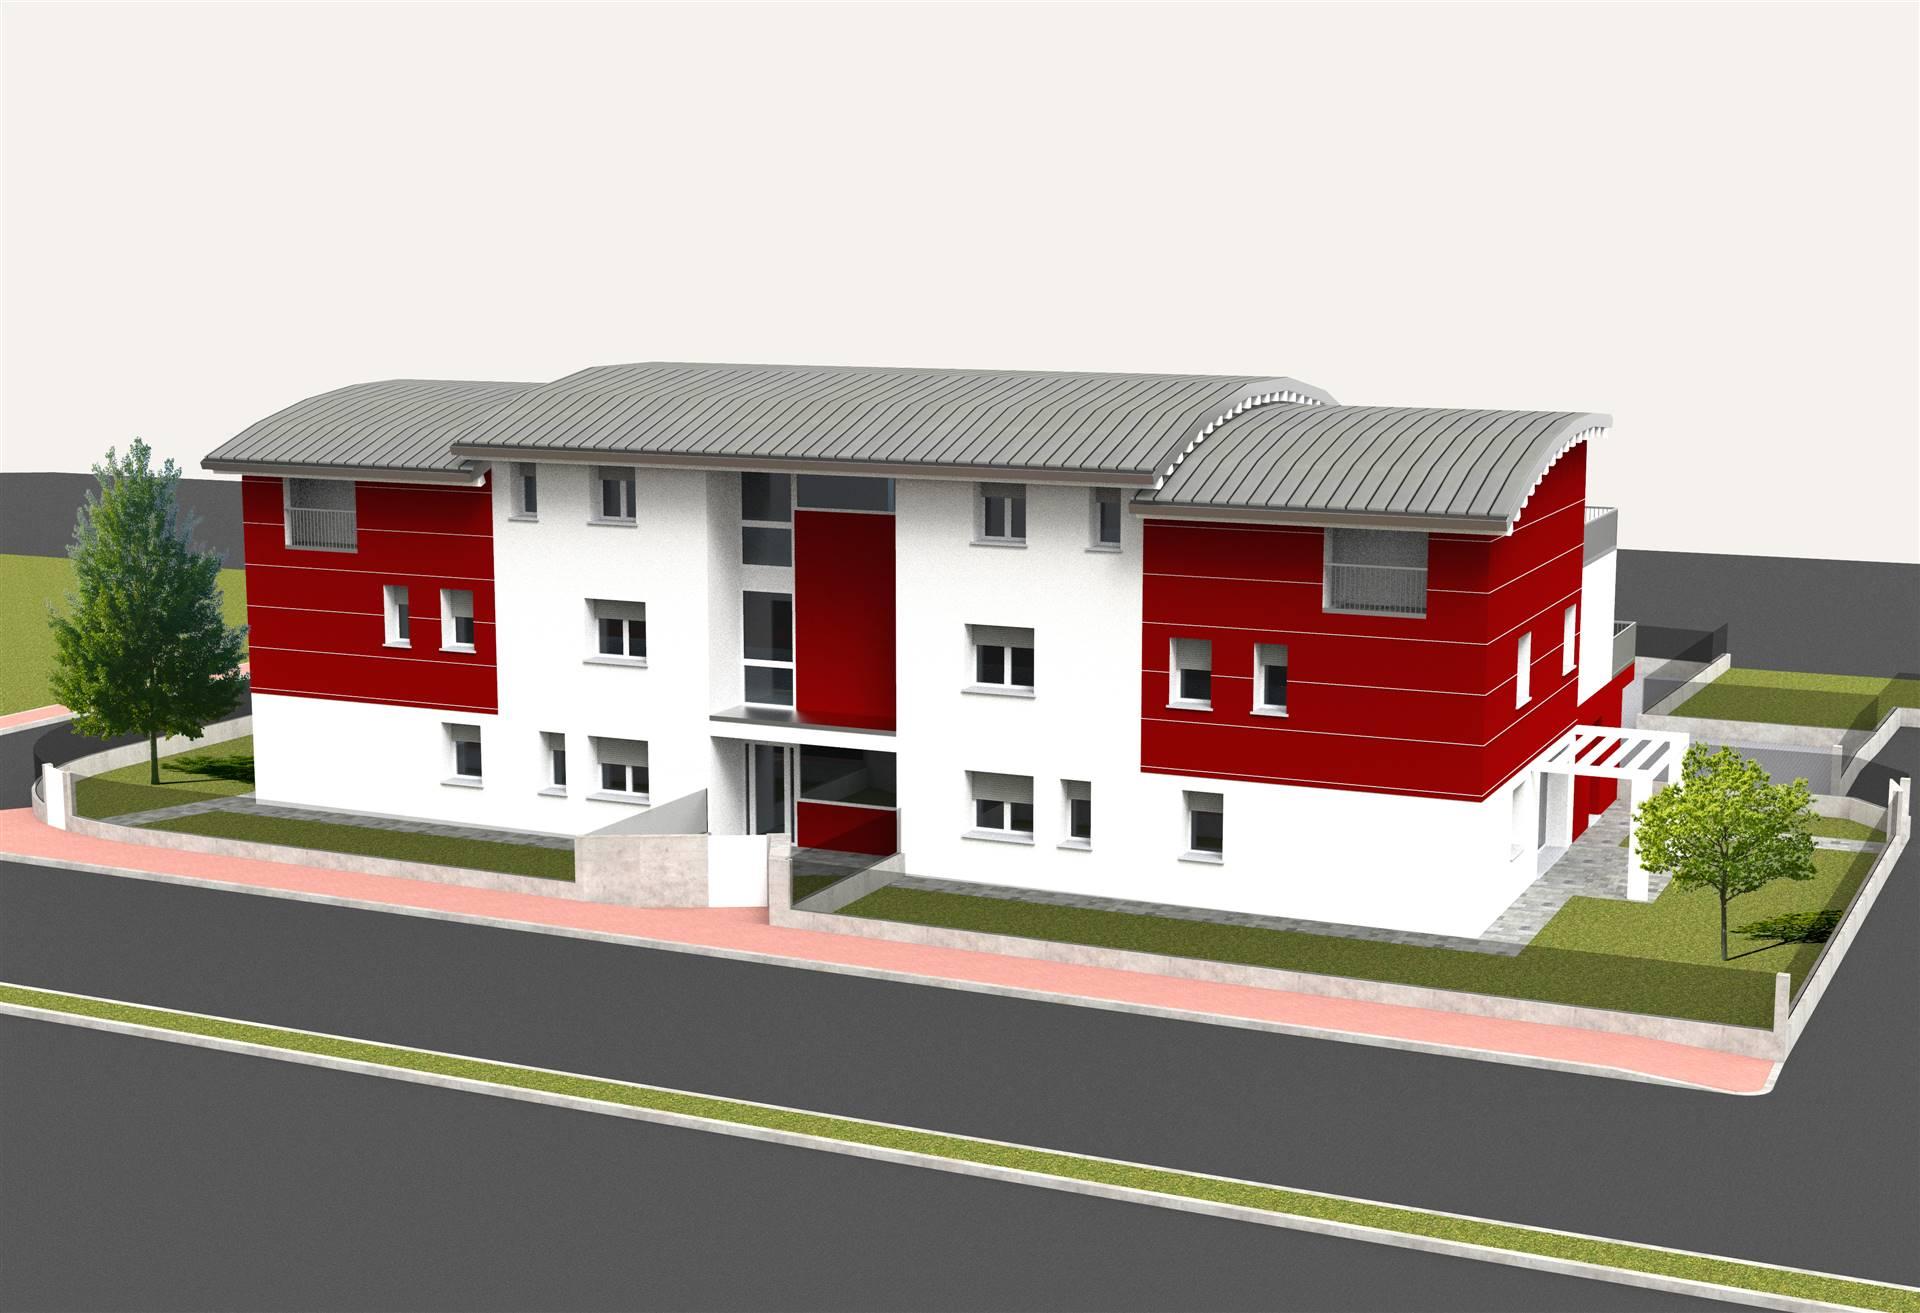 A soli 500 mt dal centro di SALZANO, proponiamo palazzina di sole 7 unità abitative in fase di realizzazione. Appartamenti di ampia metratura, al